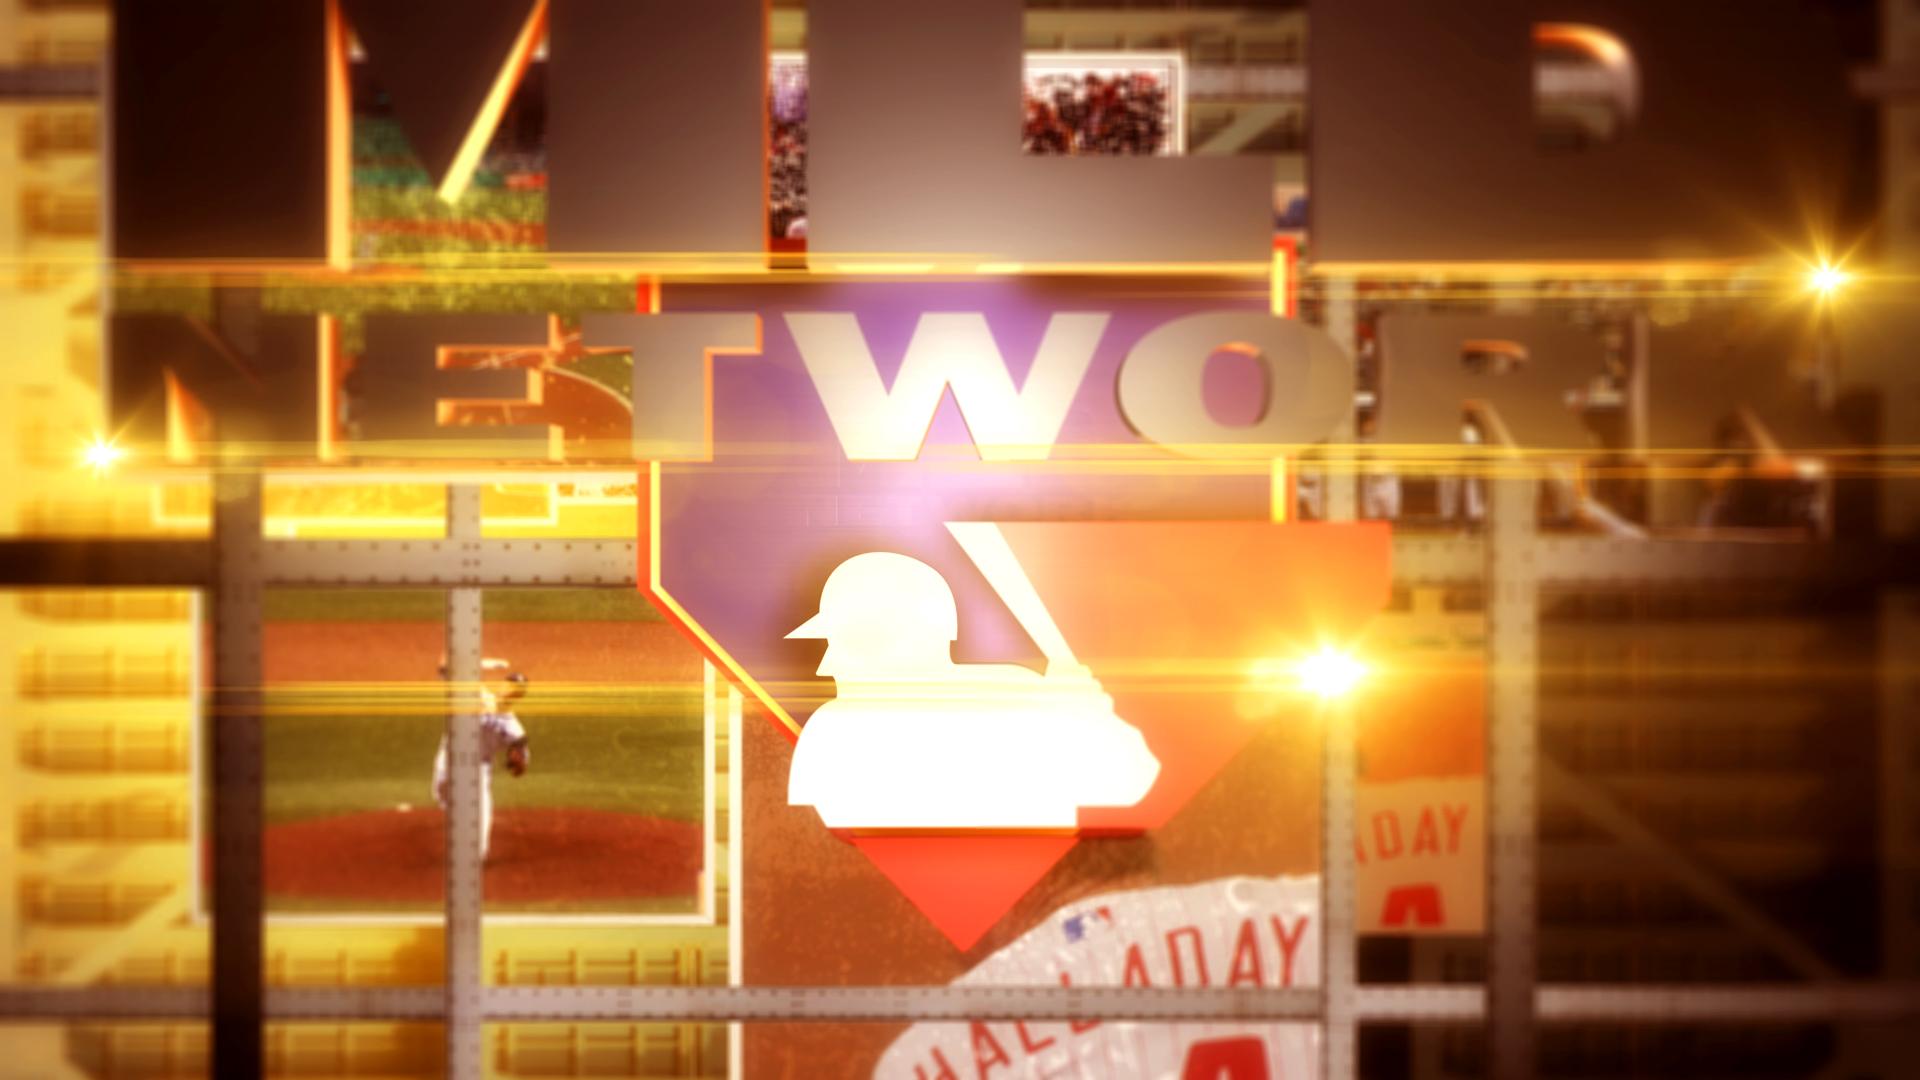 MLB_WDTG_Frame_10_01.jpg